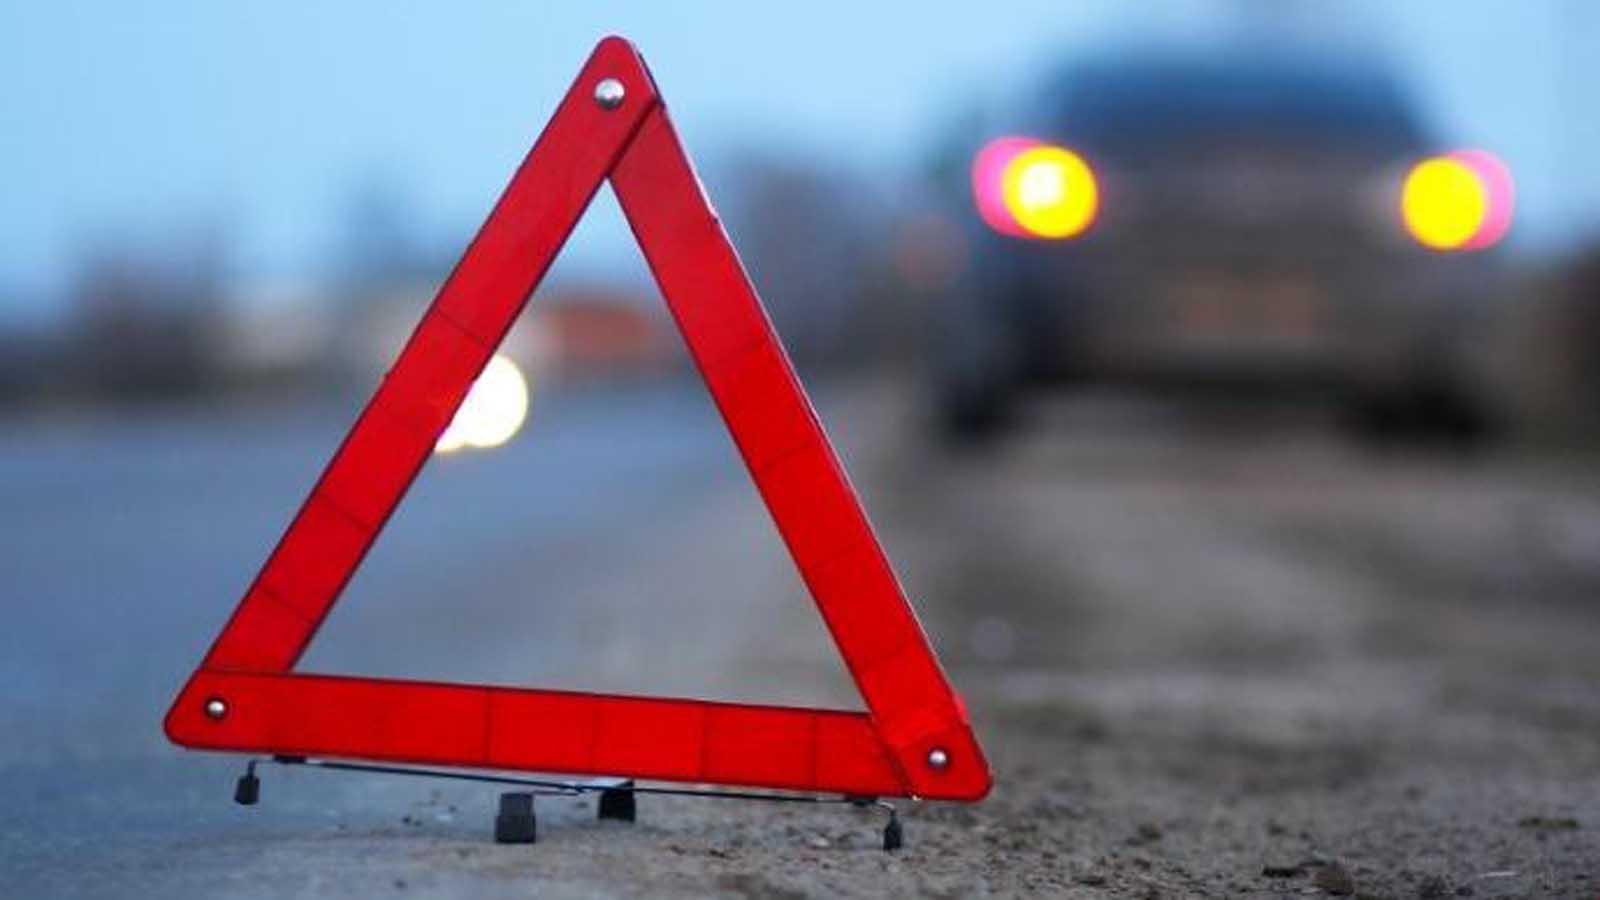 Автоинспекторы Ростовской области обращают внимание пешеходов на необходимость соблюдать правила дорожного движения